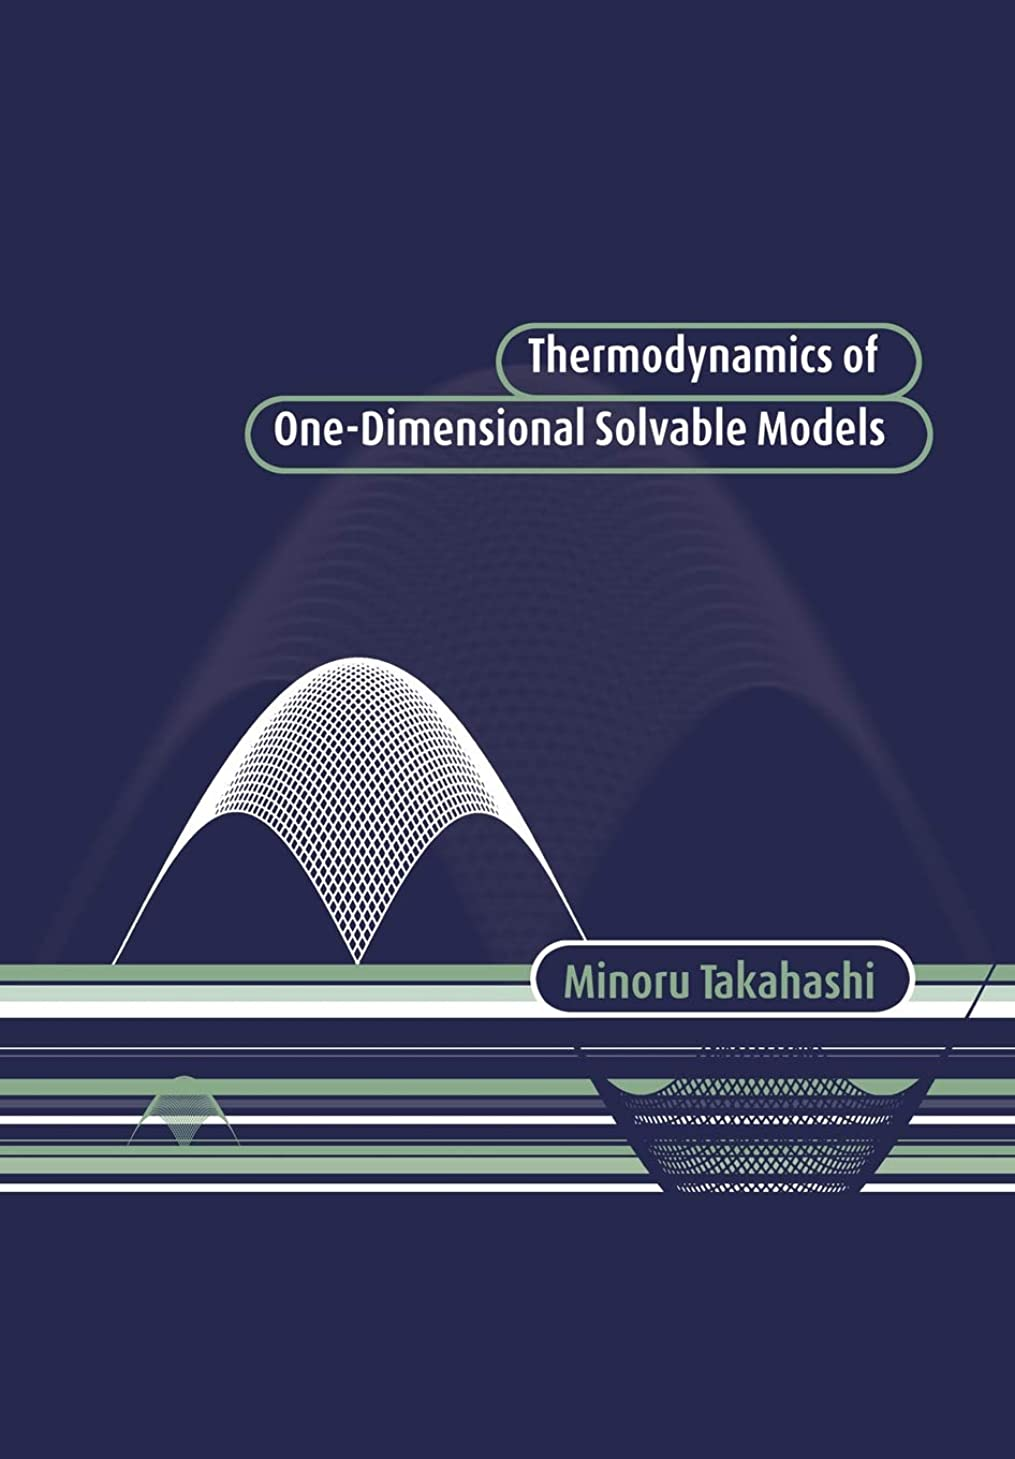 突然スタジアム評議会Thermodynamics 1-D Solvable Models